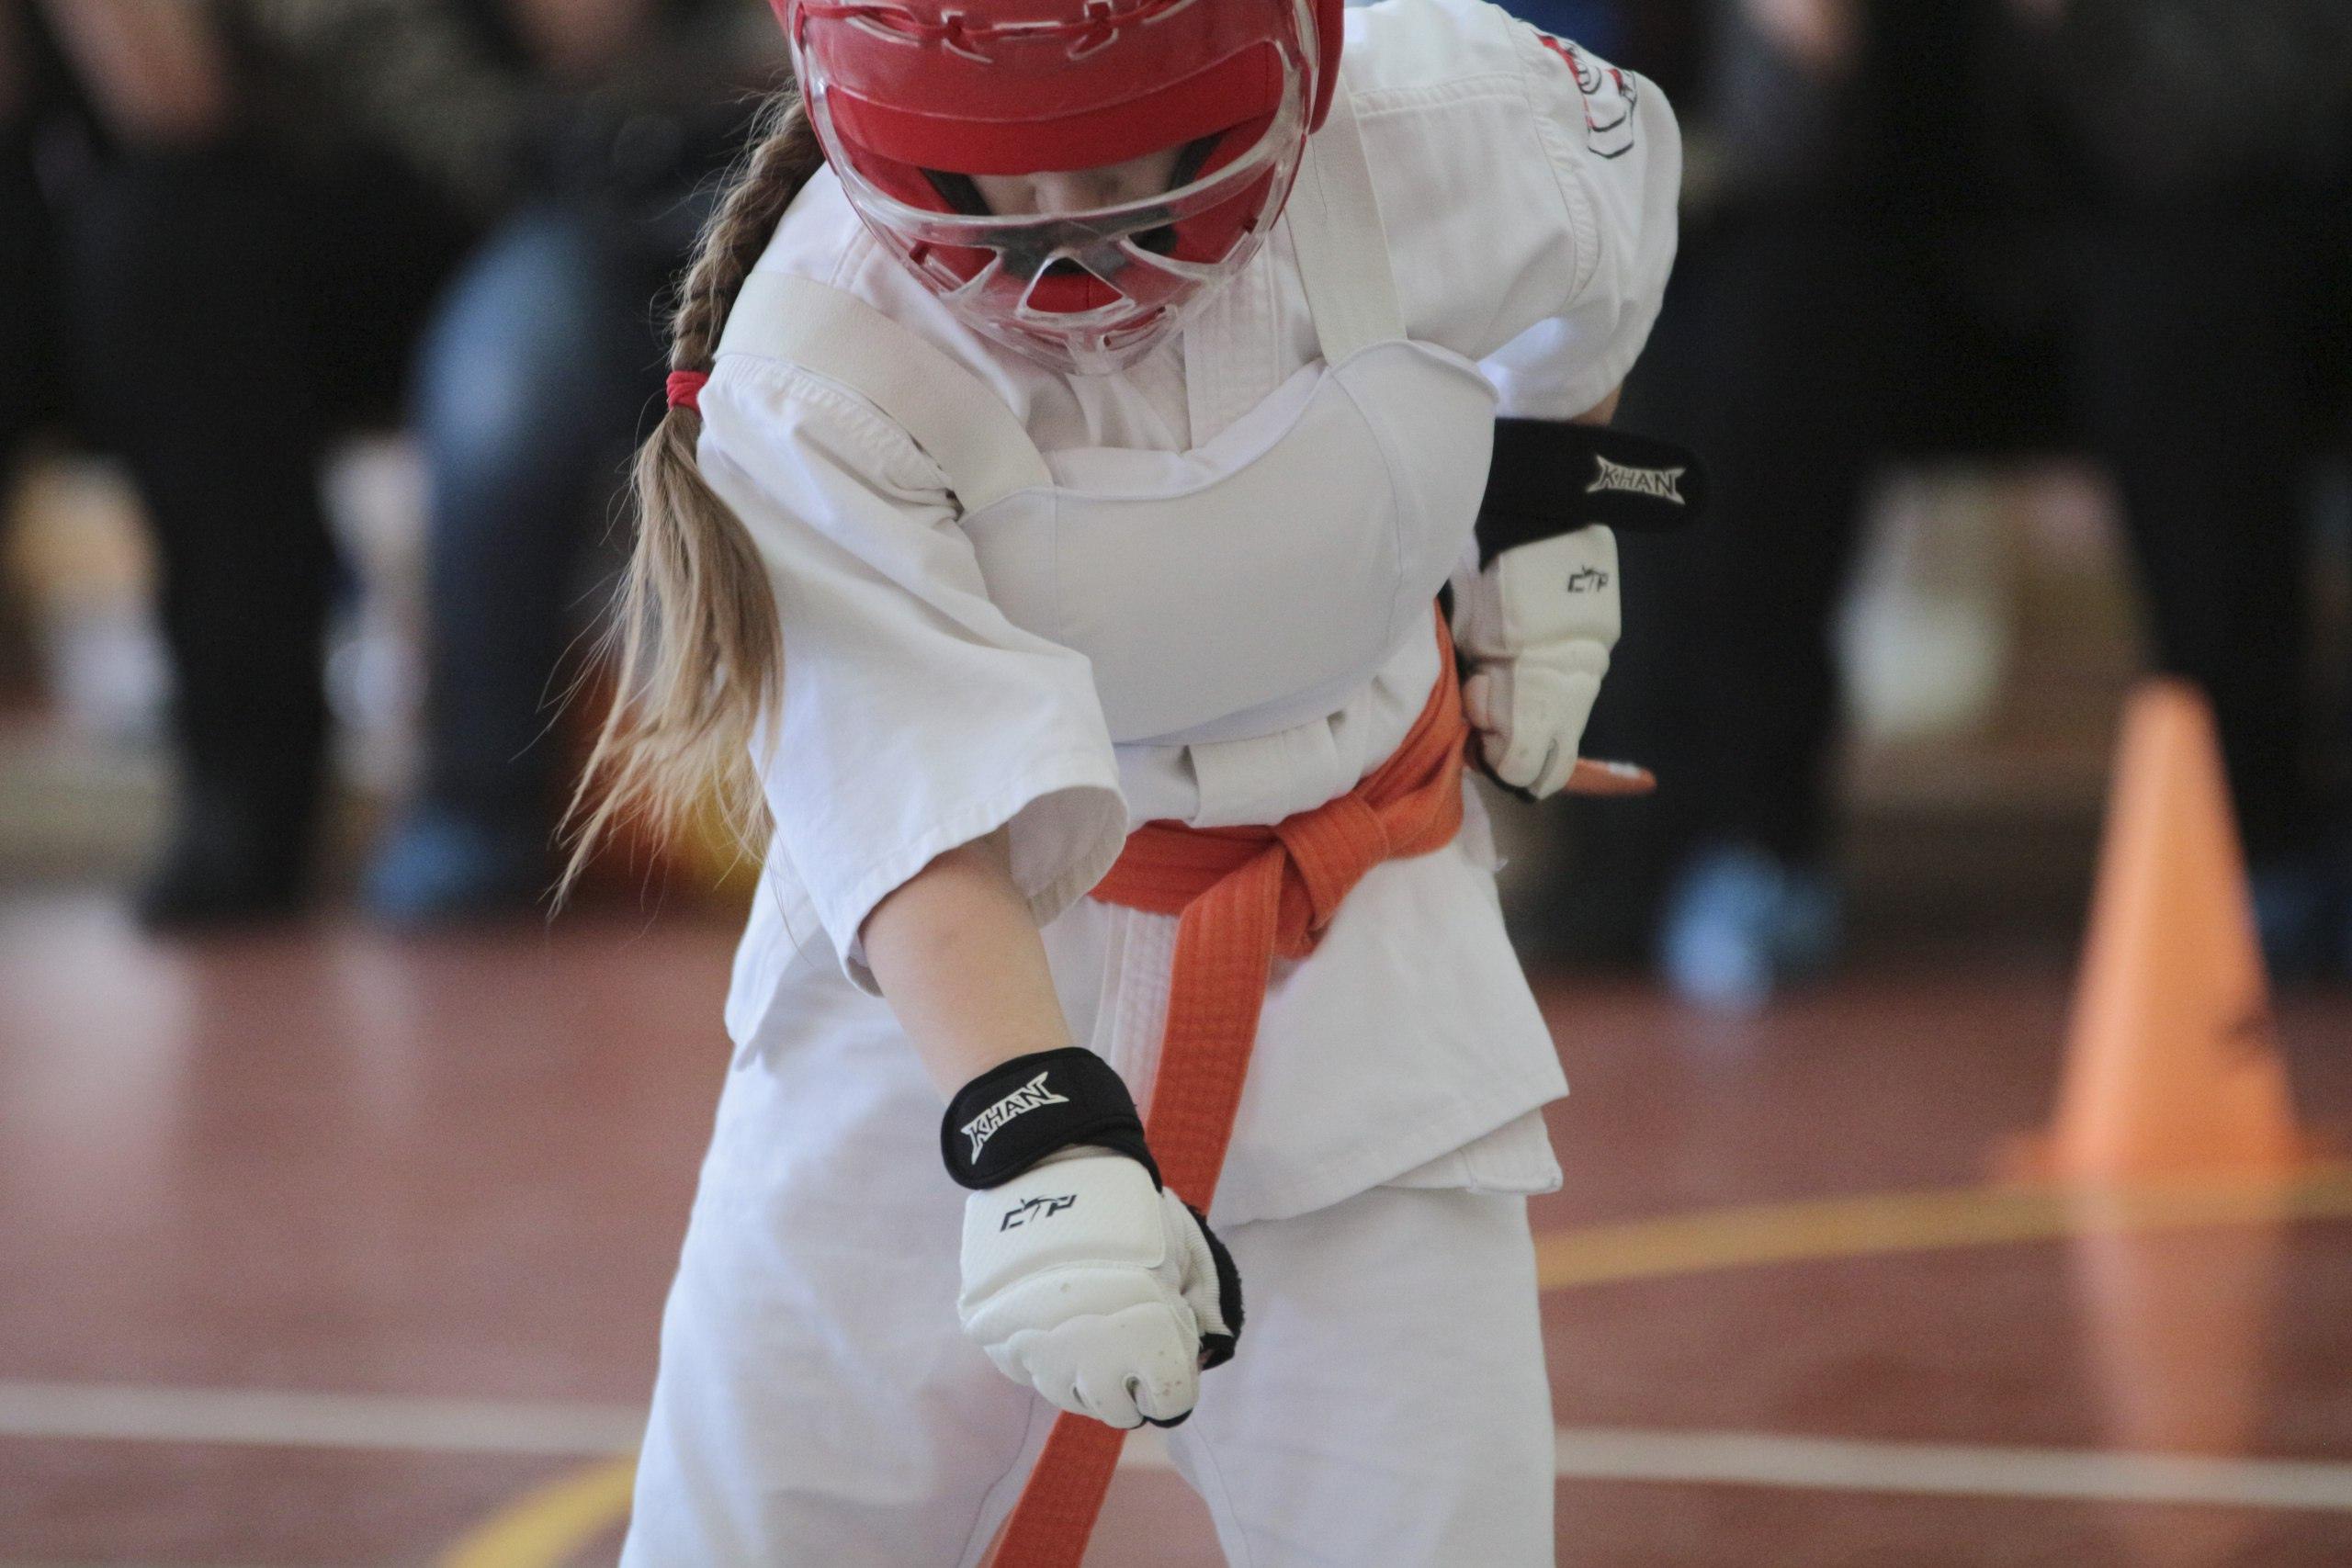 Сотрудники клуба боевых искусств «Будзин» провели тренировку в рамках подготовки к соревнованиям